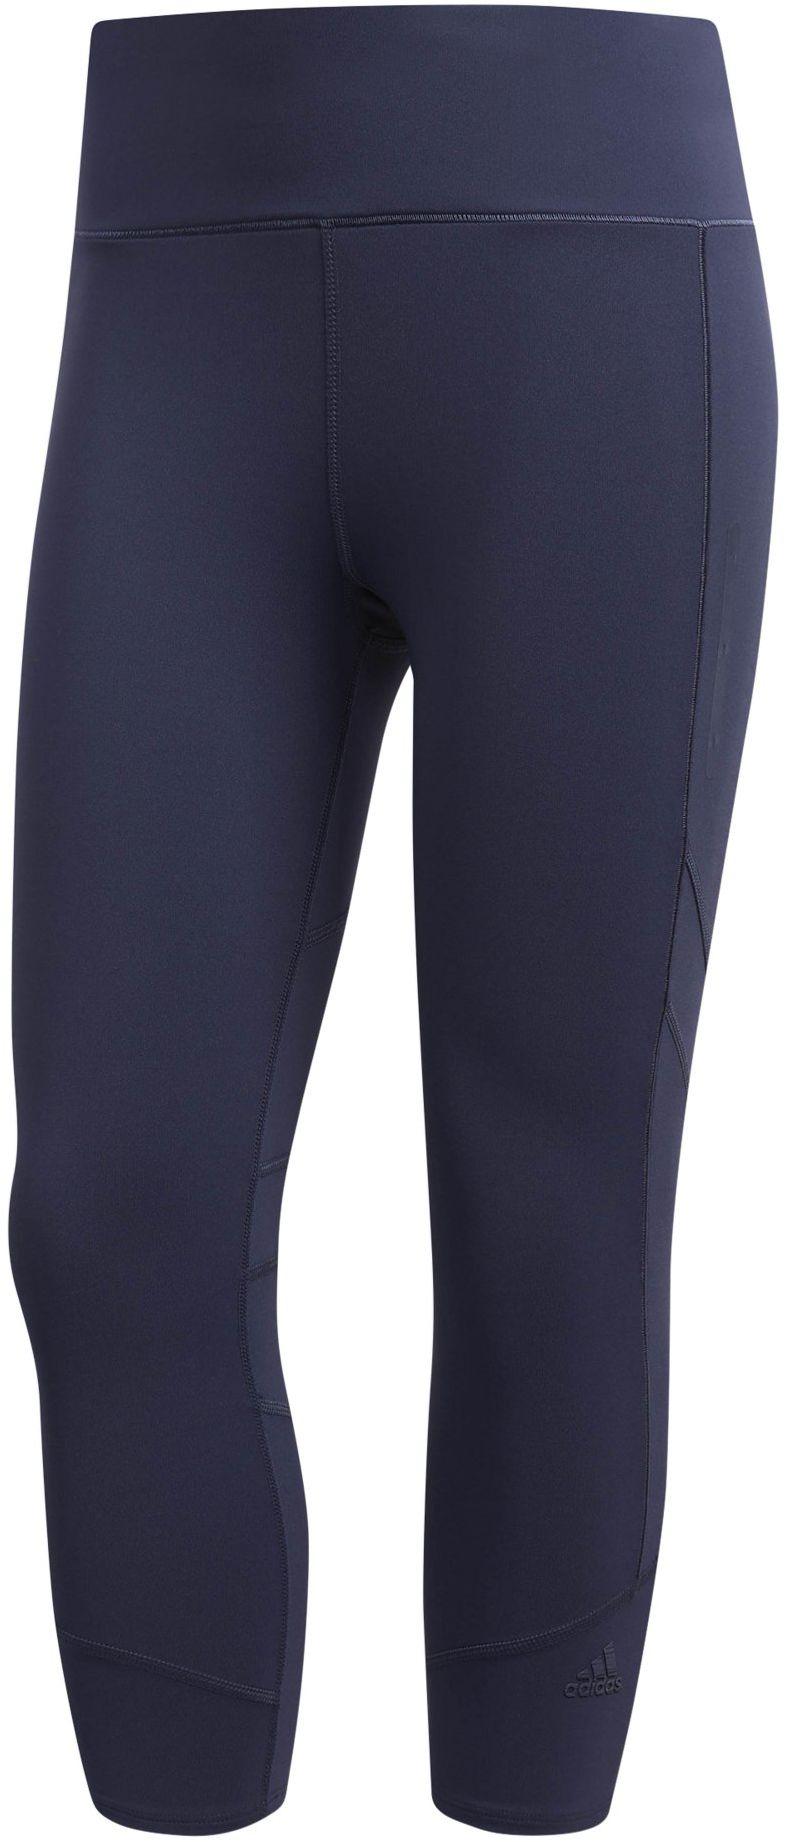 adidas Damskie legginsy How We Do Long Tights niebieski Trablu XL